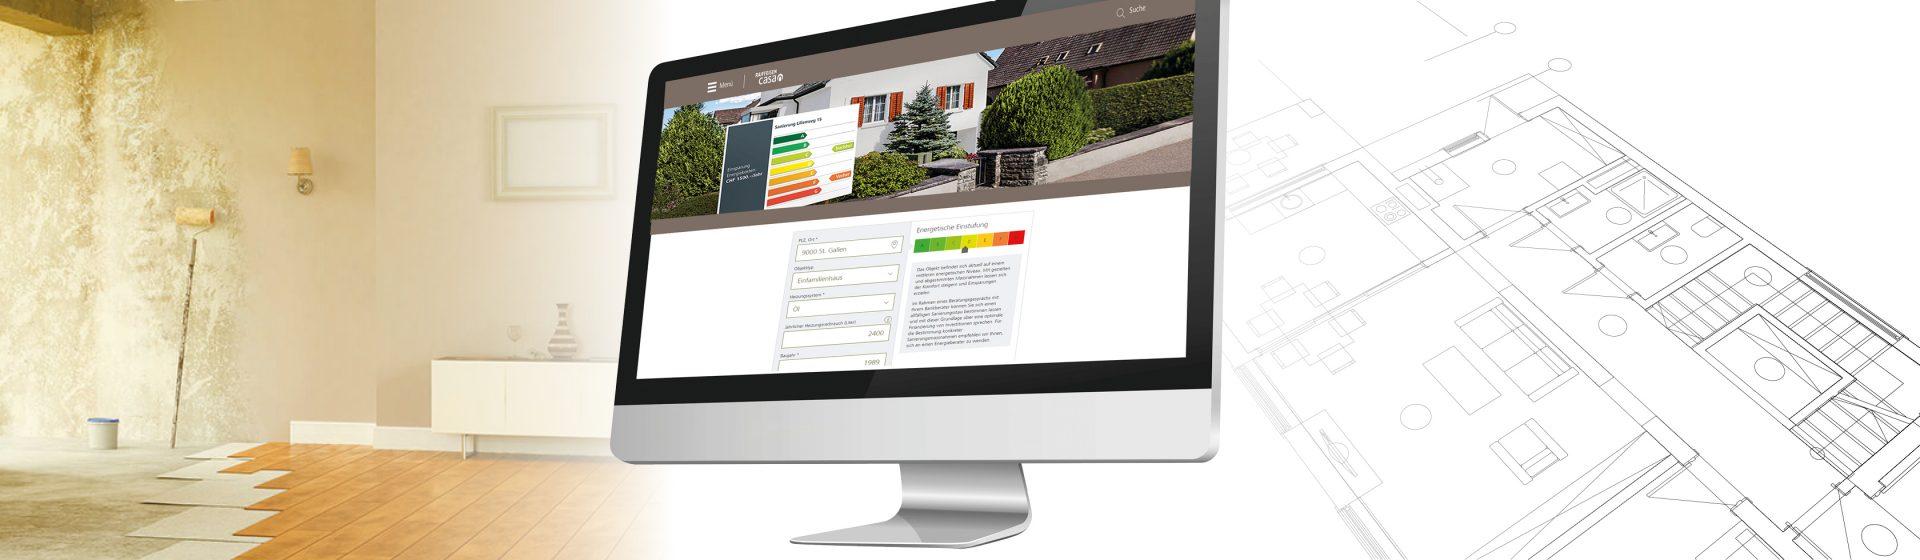 energieeffizienzrechner energiebedarf immobilie berechnen. Black Bedroom Furniture Sets. Home Design Ideas